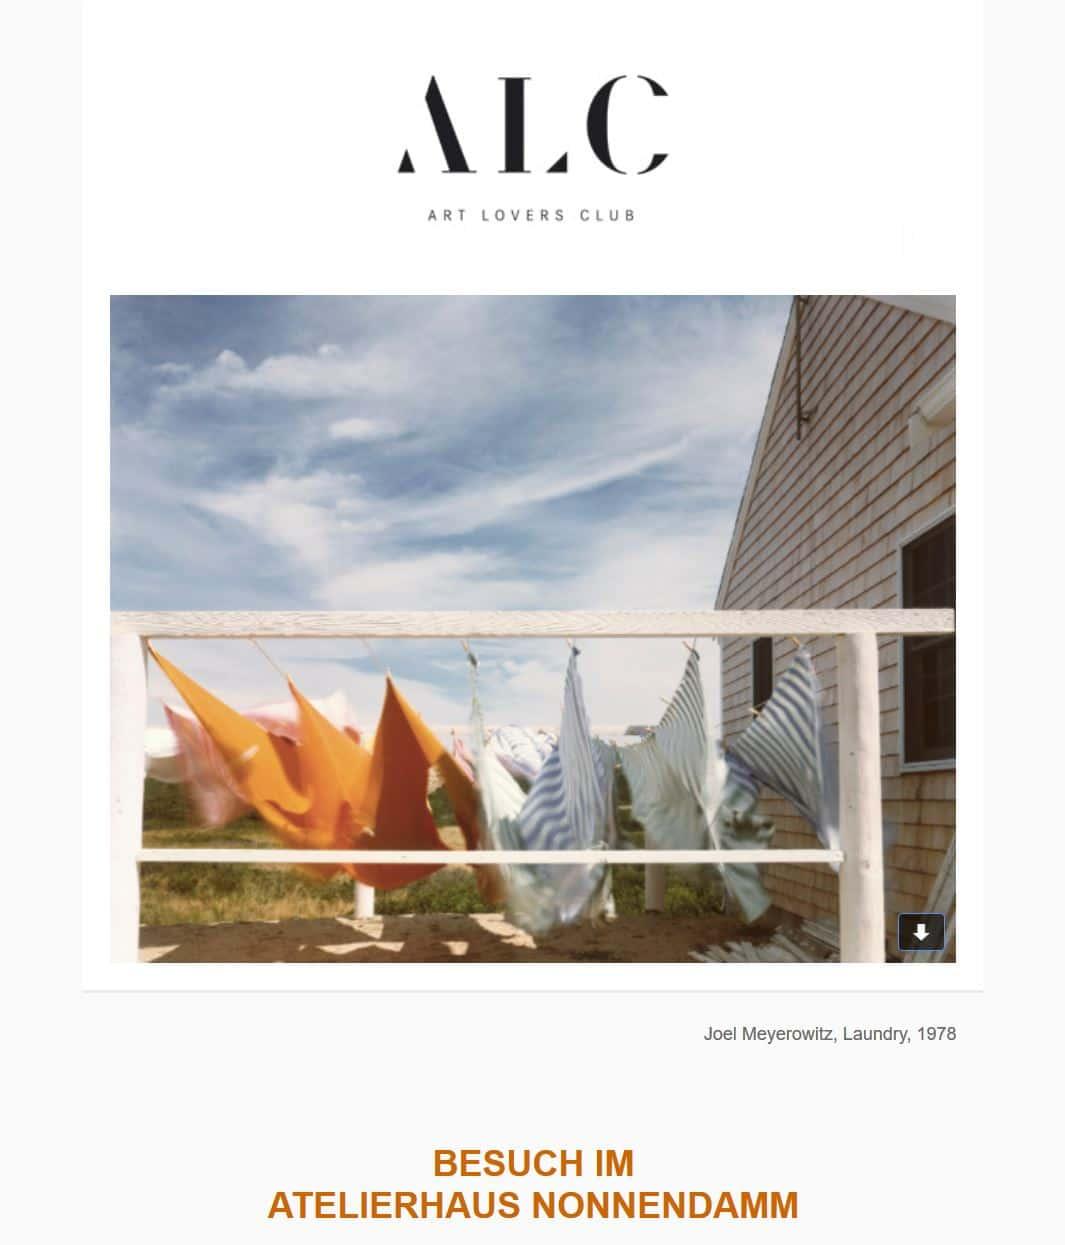 ALC Einladung Besuch im Atelierhaus Nonnendamm| Caroline Weihrauch| Dienstag, den 29.Mai 18.00 1